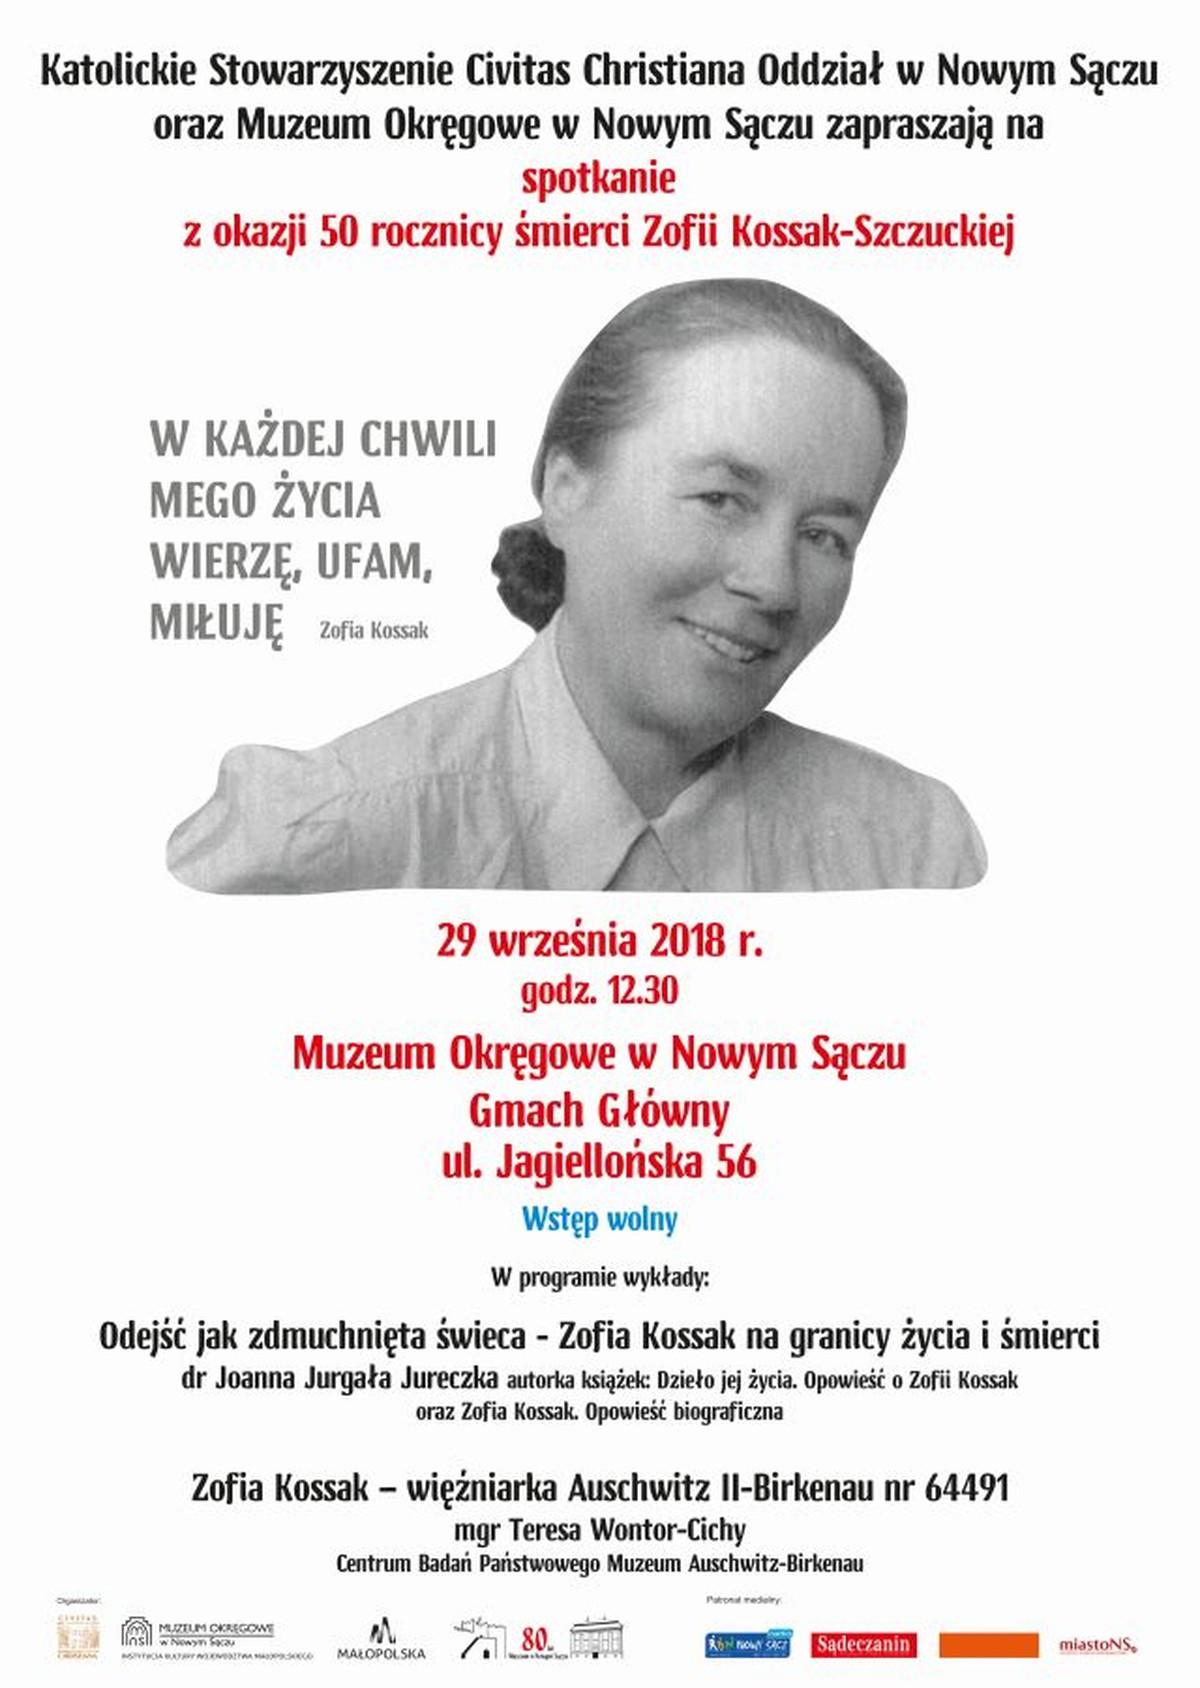 50-ta rocznica śmierci Zofii Kossak-Szczuckiej